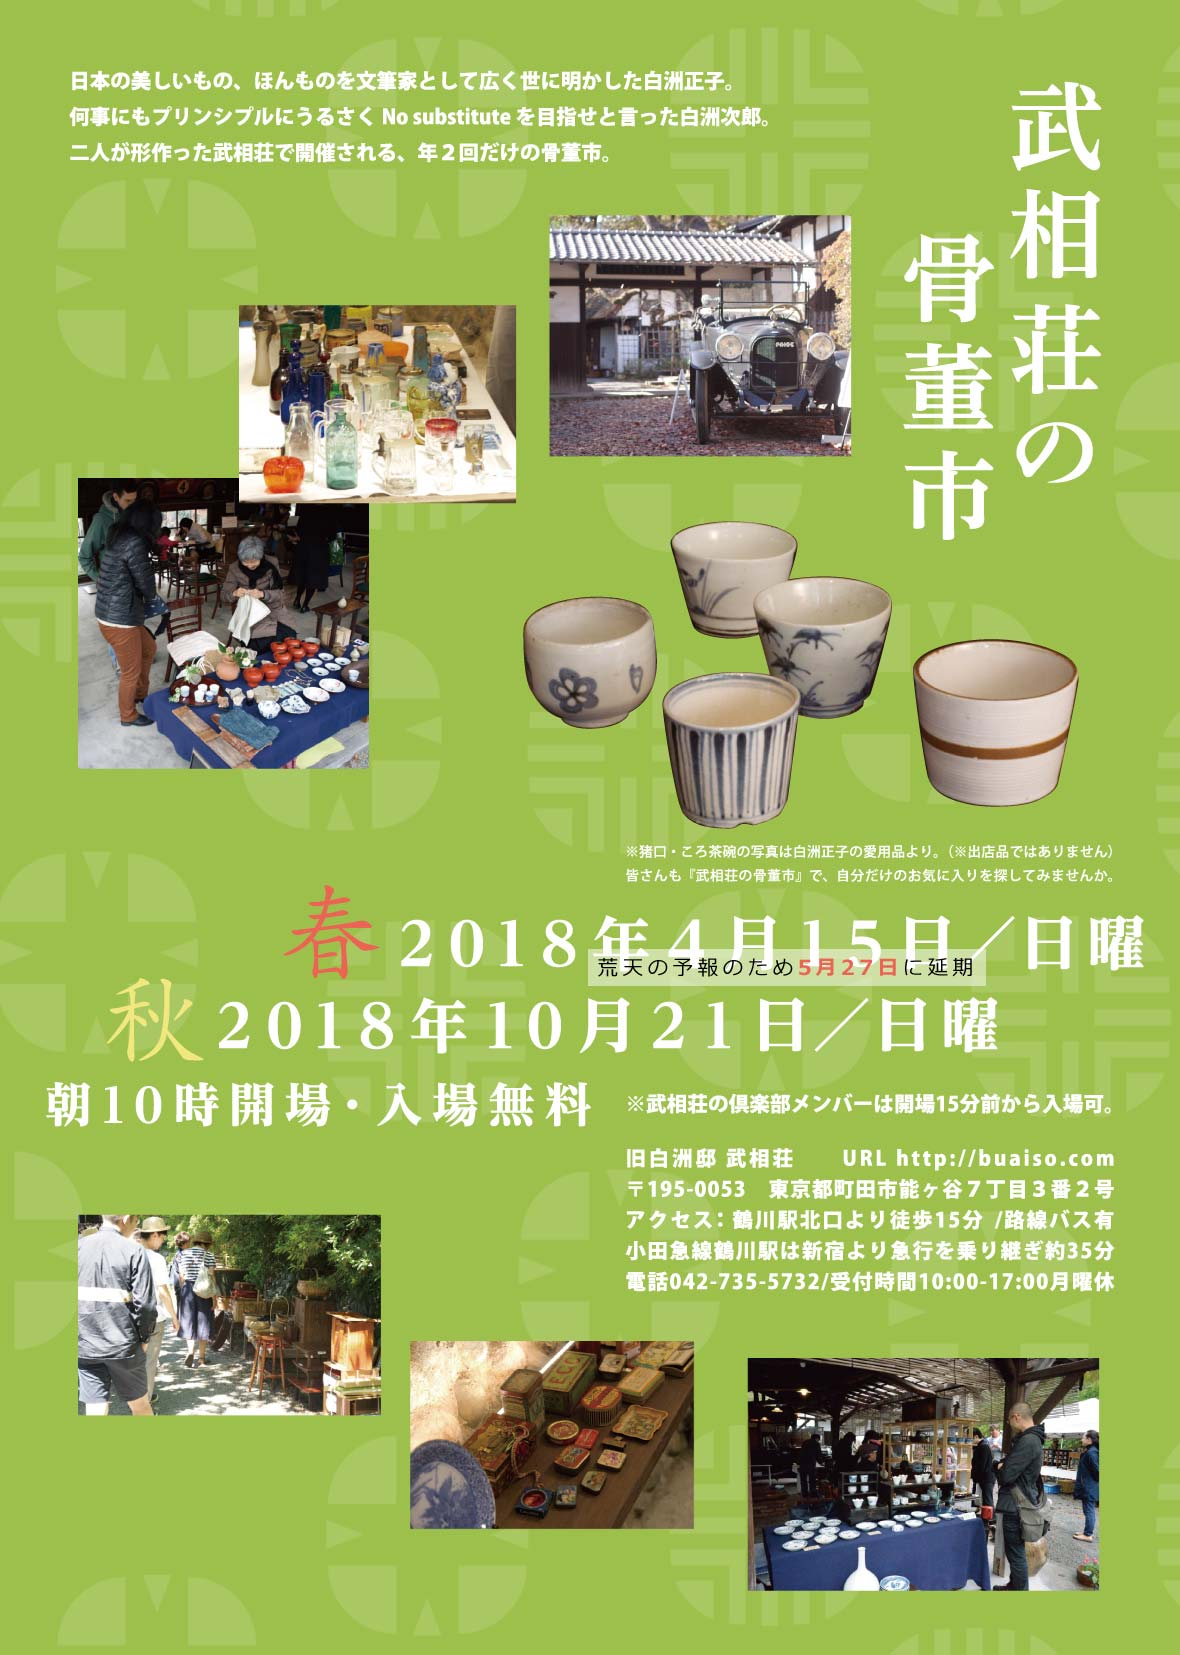 武相荘の骨董市2018春(延期お知らせ)